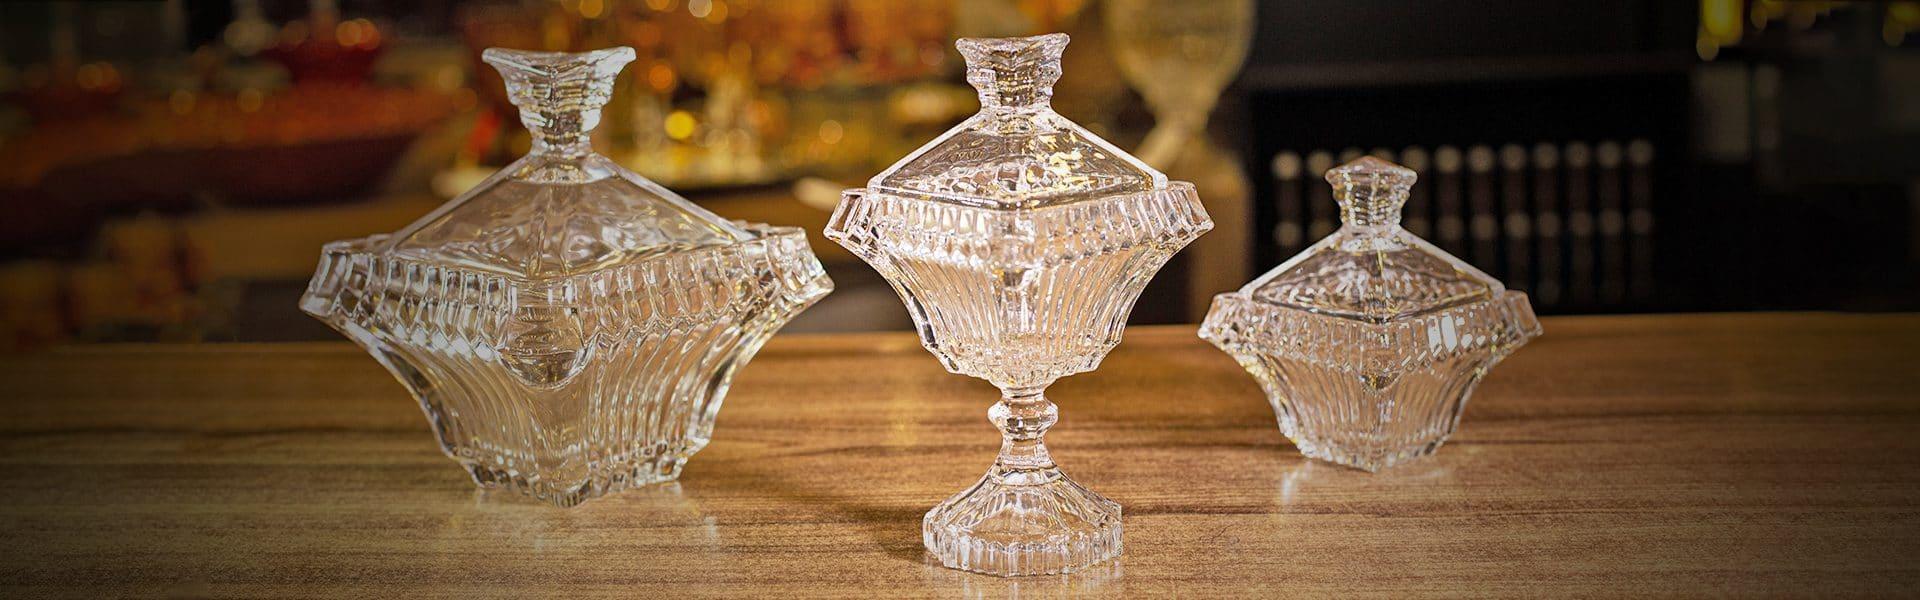 cristal-na-decoração-traga-um-toque-de-luxo-para-a-sua-casa-capa